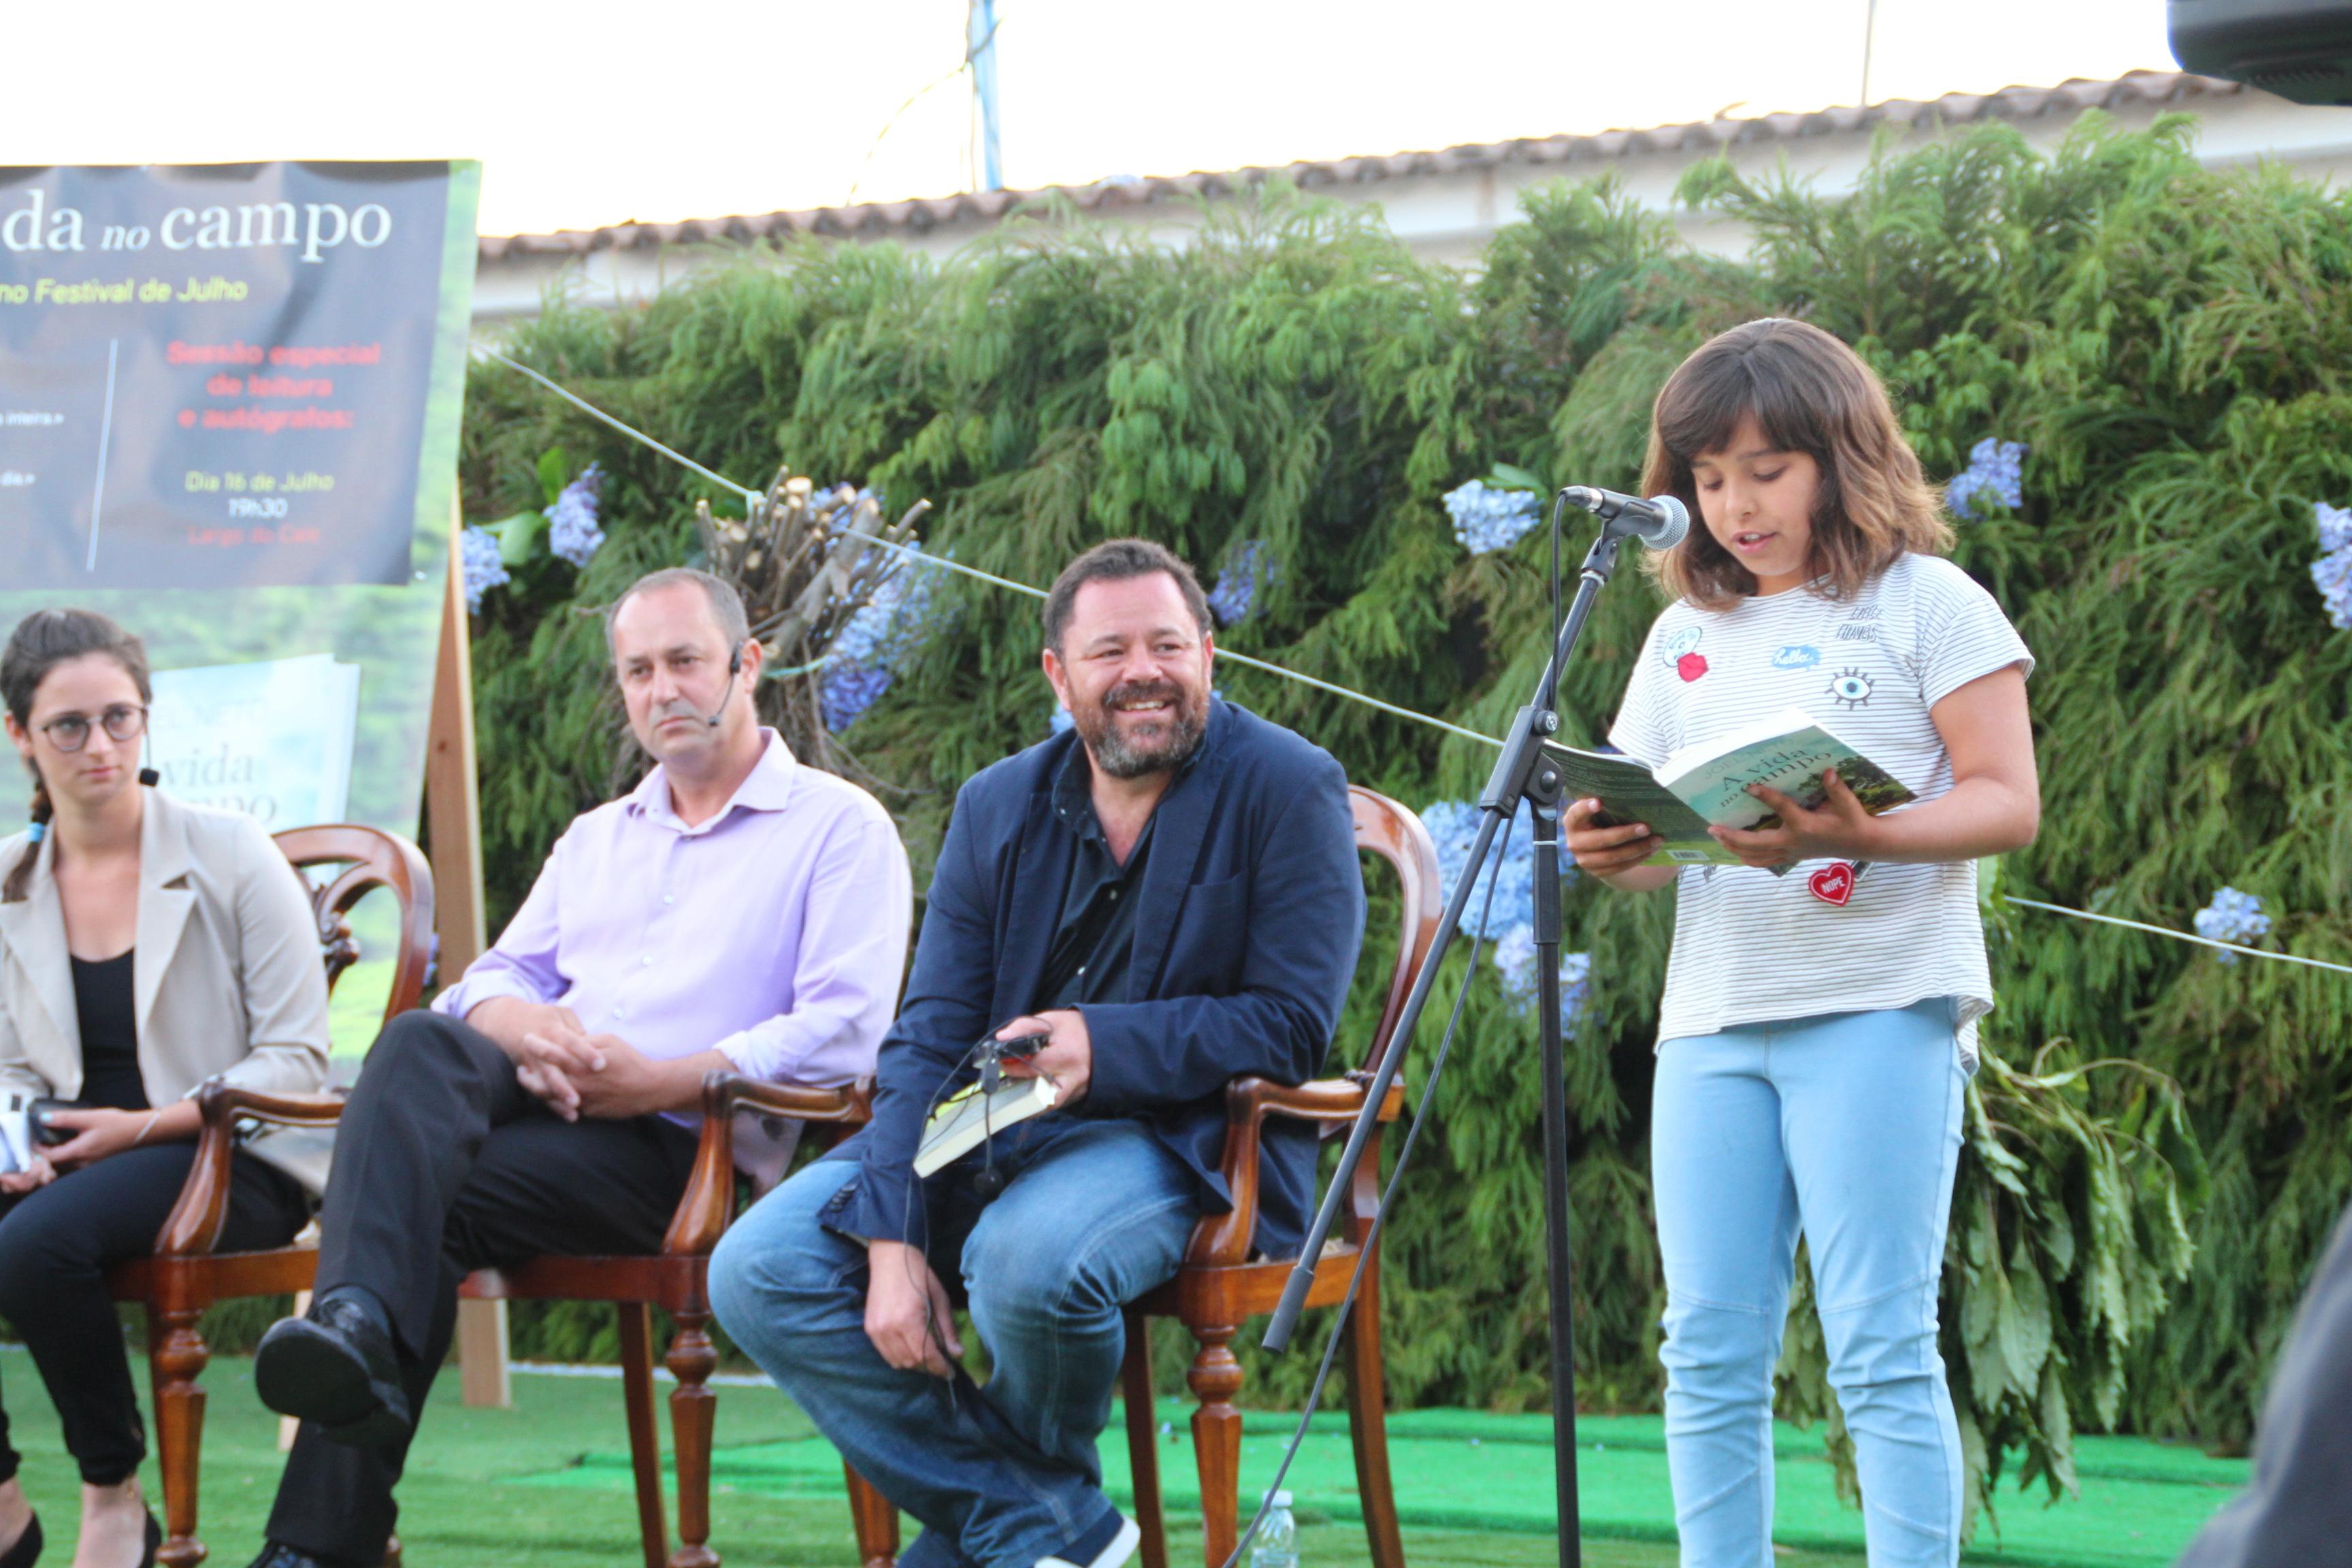 """Apresentação do livro """"Vida no Campo"""" do escritor Joel Neto. Festival de Julho / 2016 (reportagem fotográfica)"""